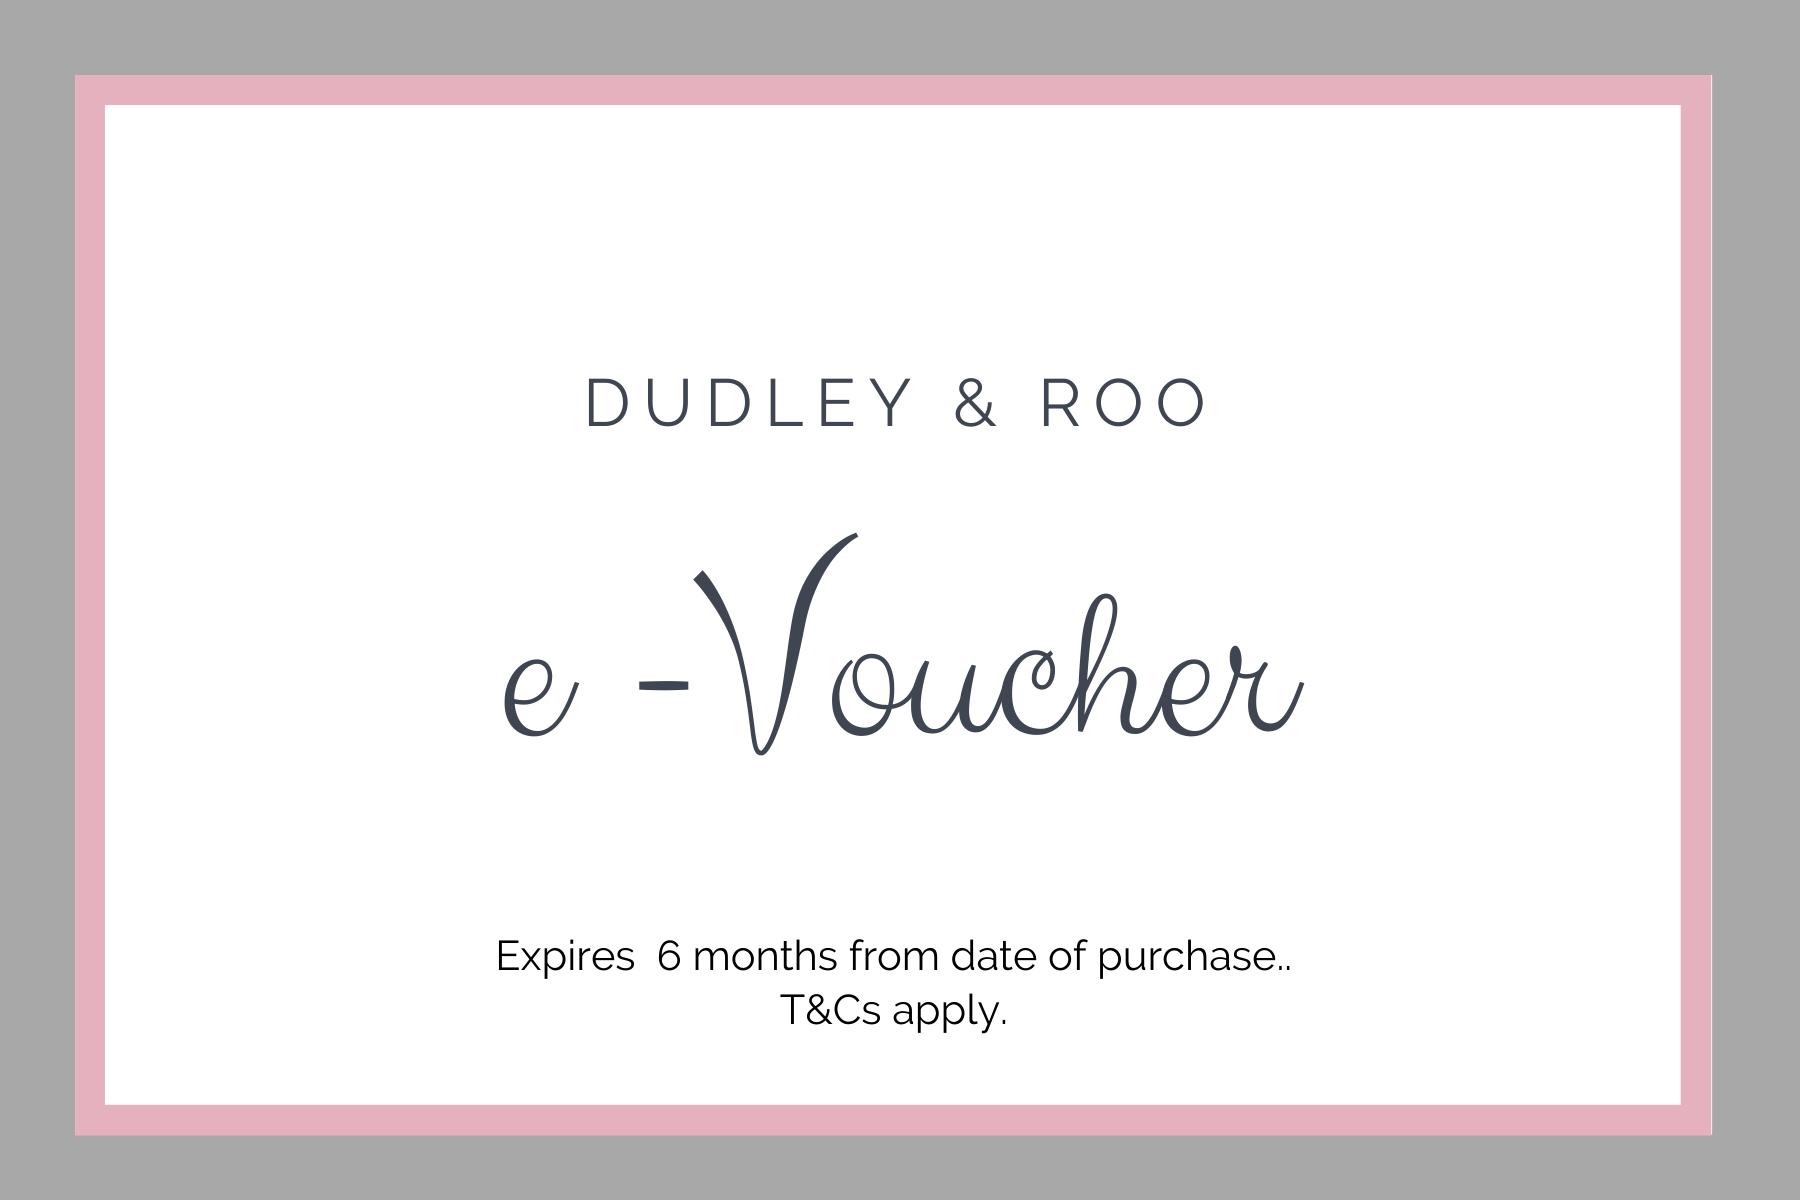 e-voucher for Dudley & Roo